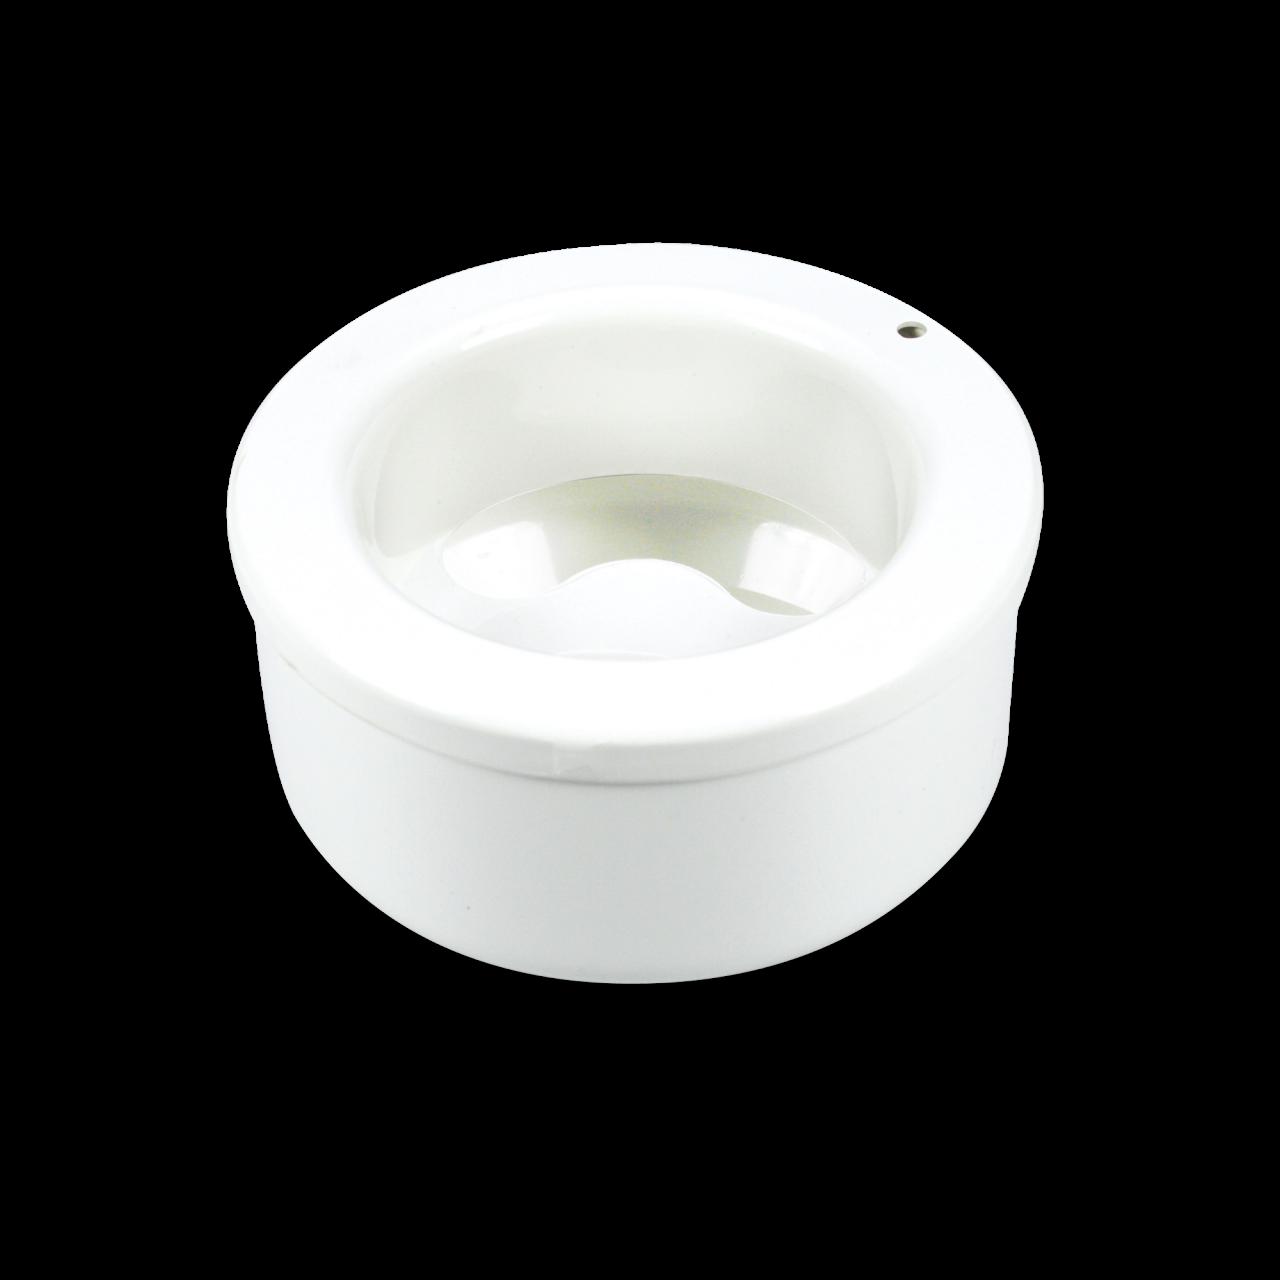 Maniküreschale aus Kunststoff H: 7cm